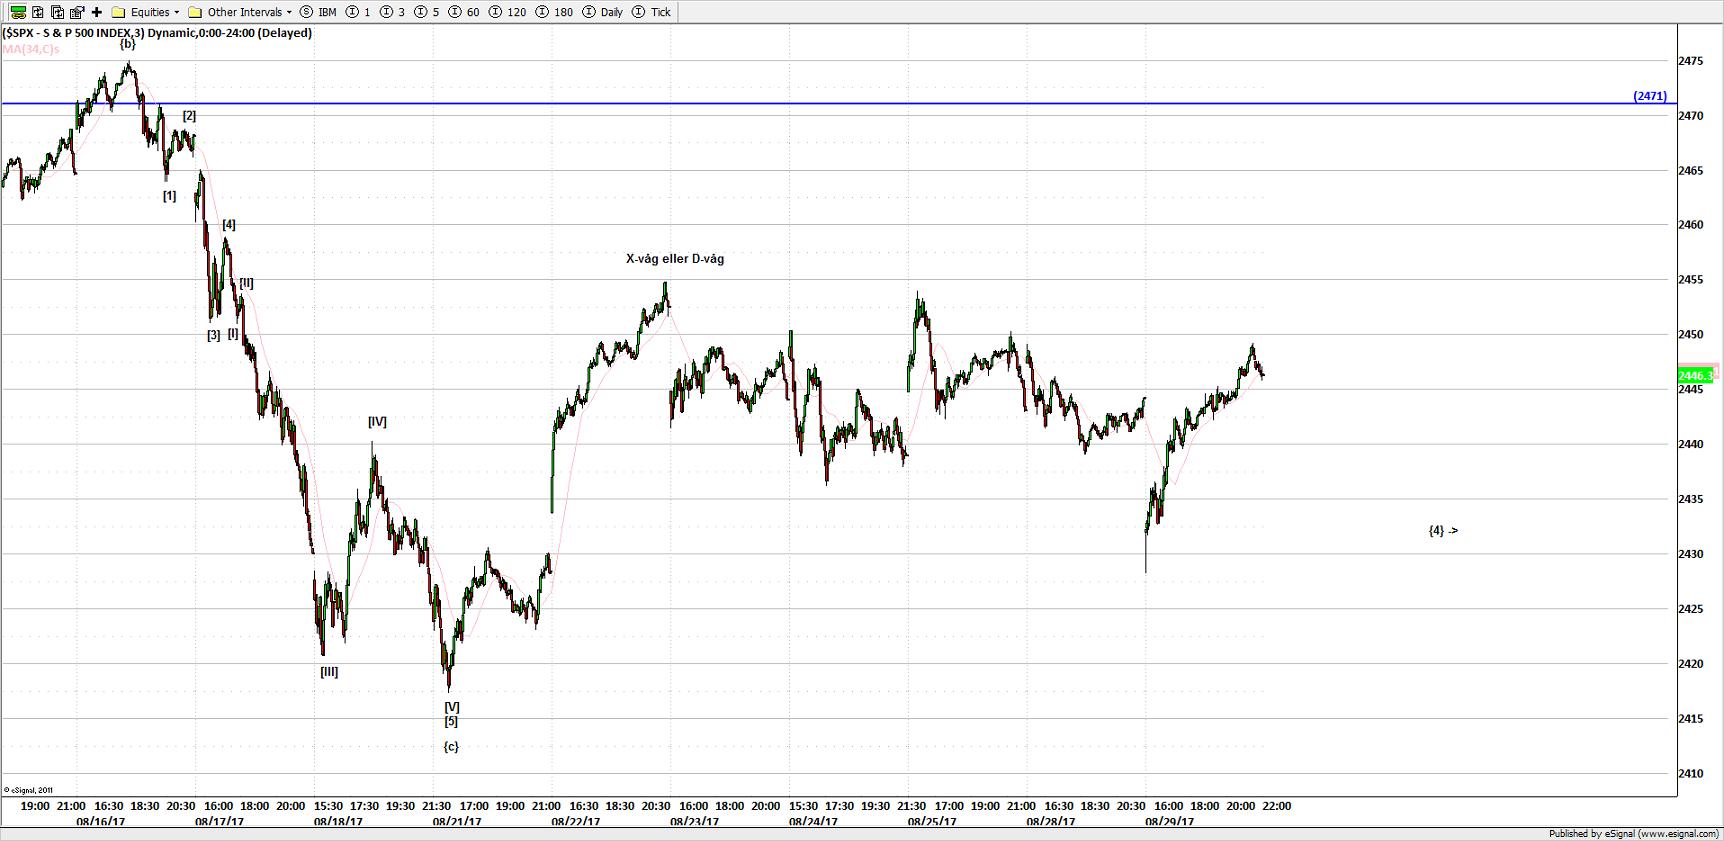 S&P500 3 MIN